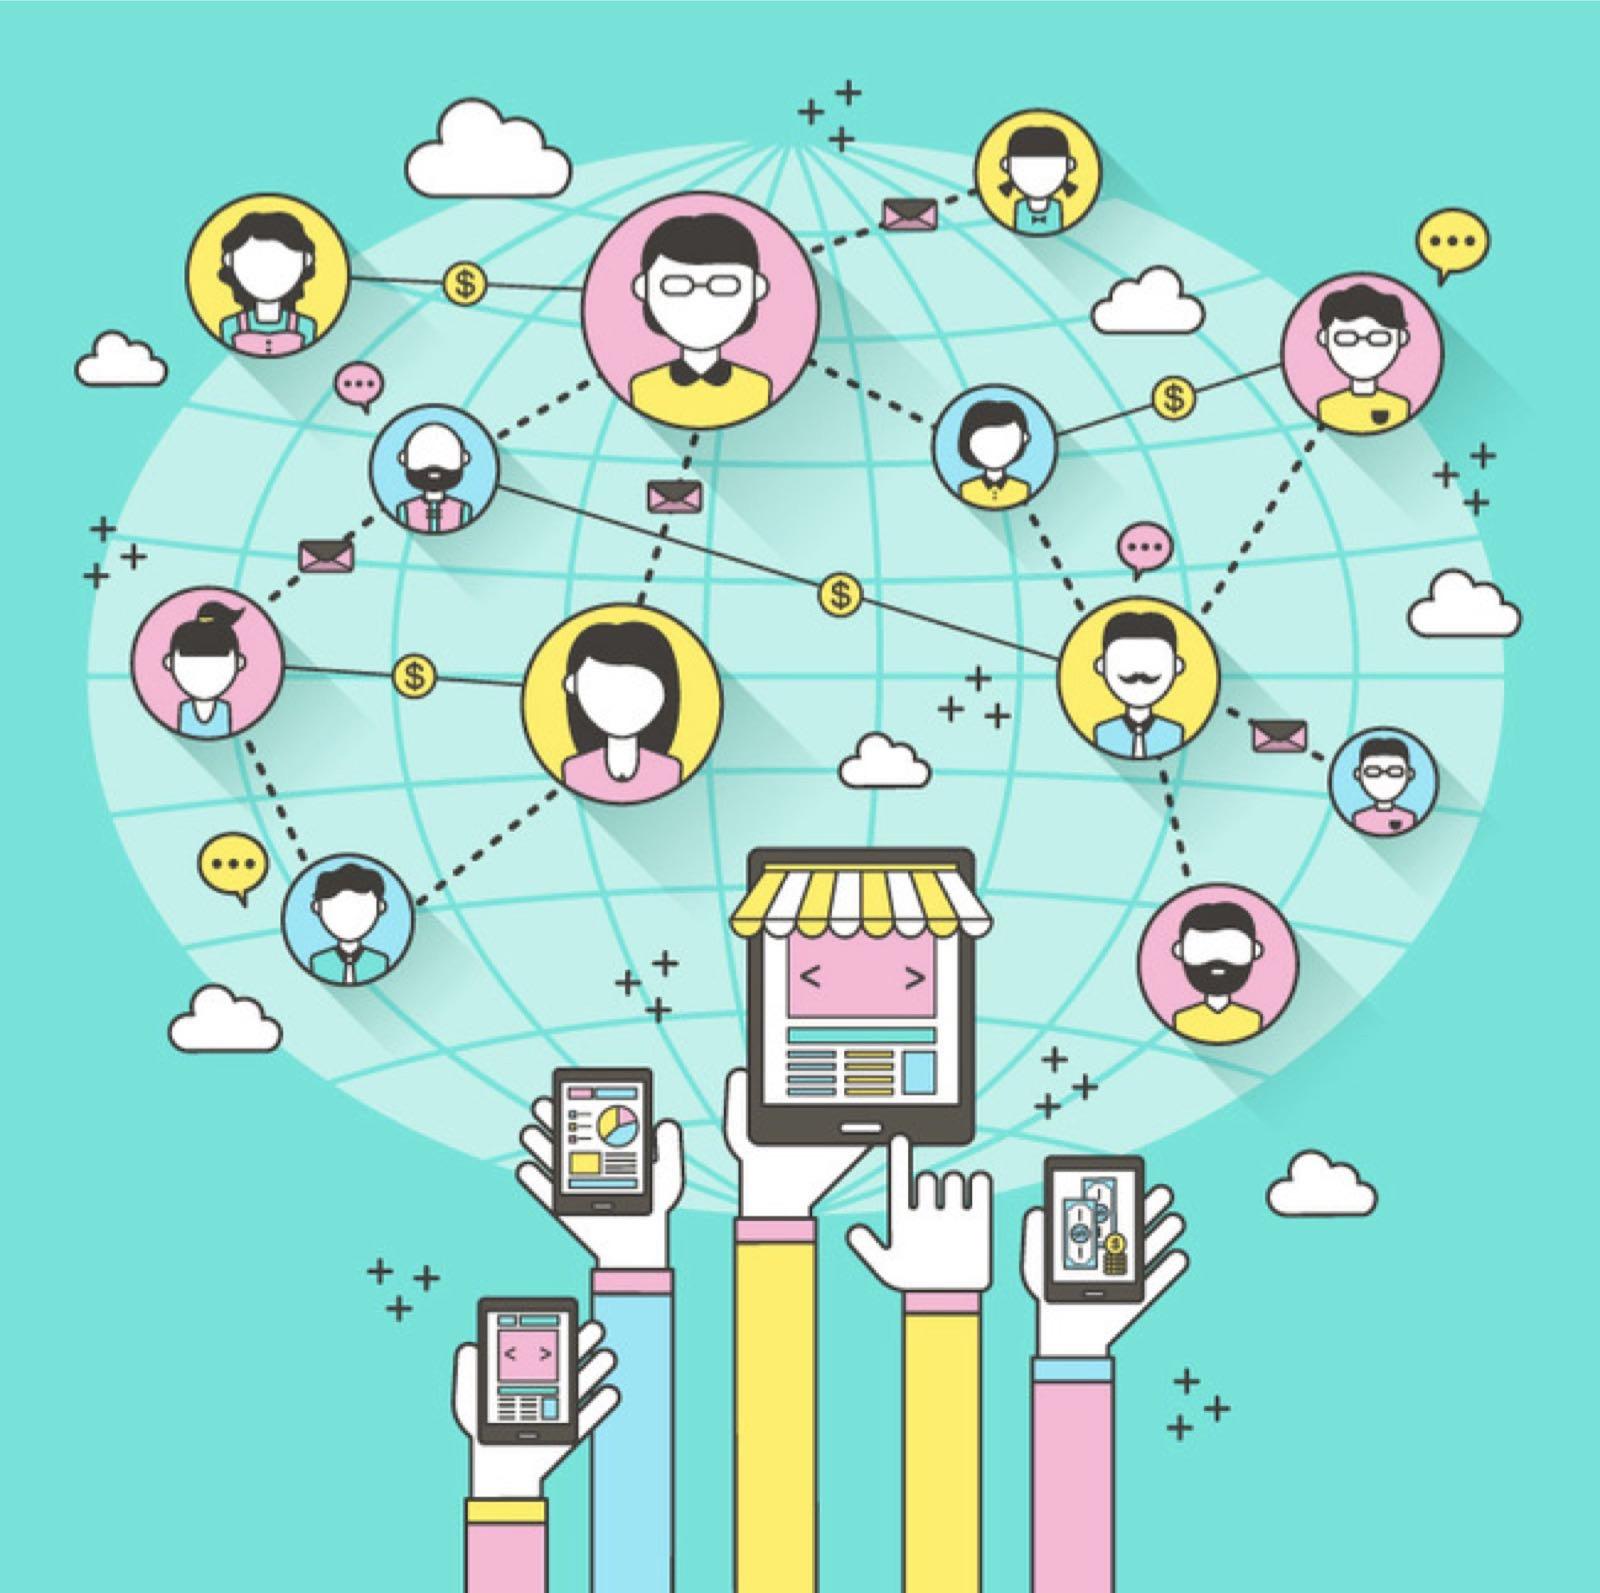 为什么陌生人社交平台最终一定是内容平台,以陌陌为例